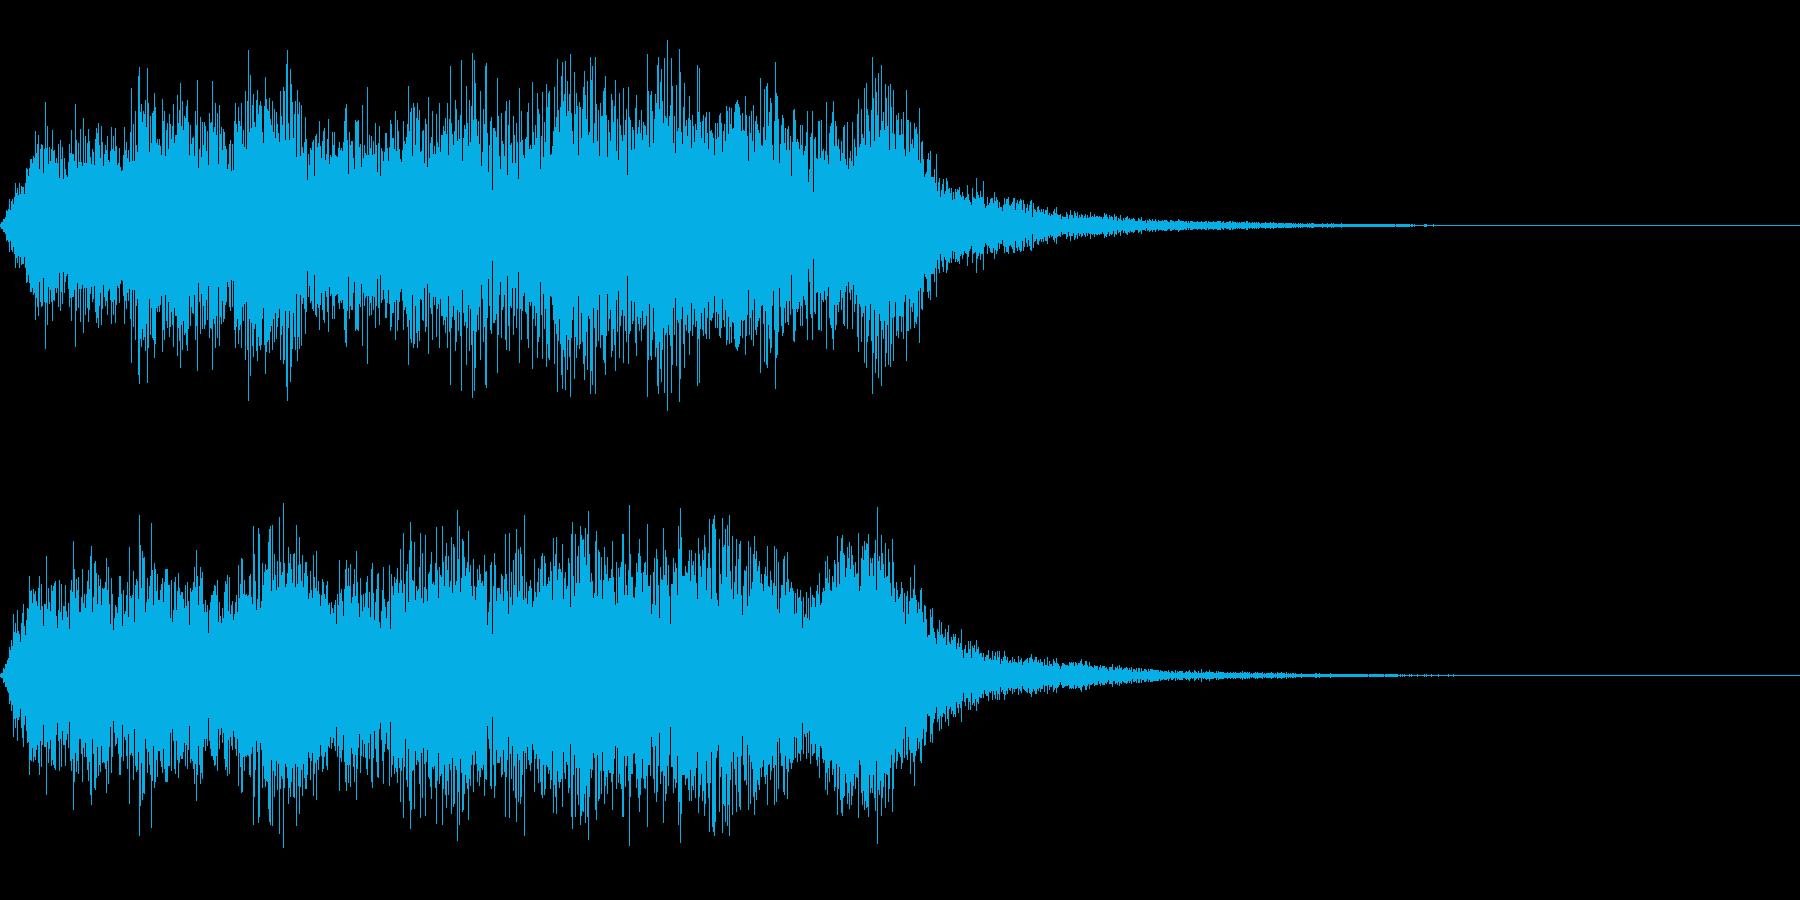 勝利レベルアップジングル オーケストラの再生済みの波形